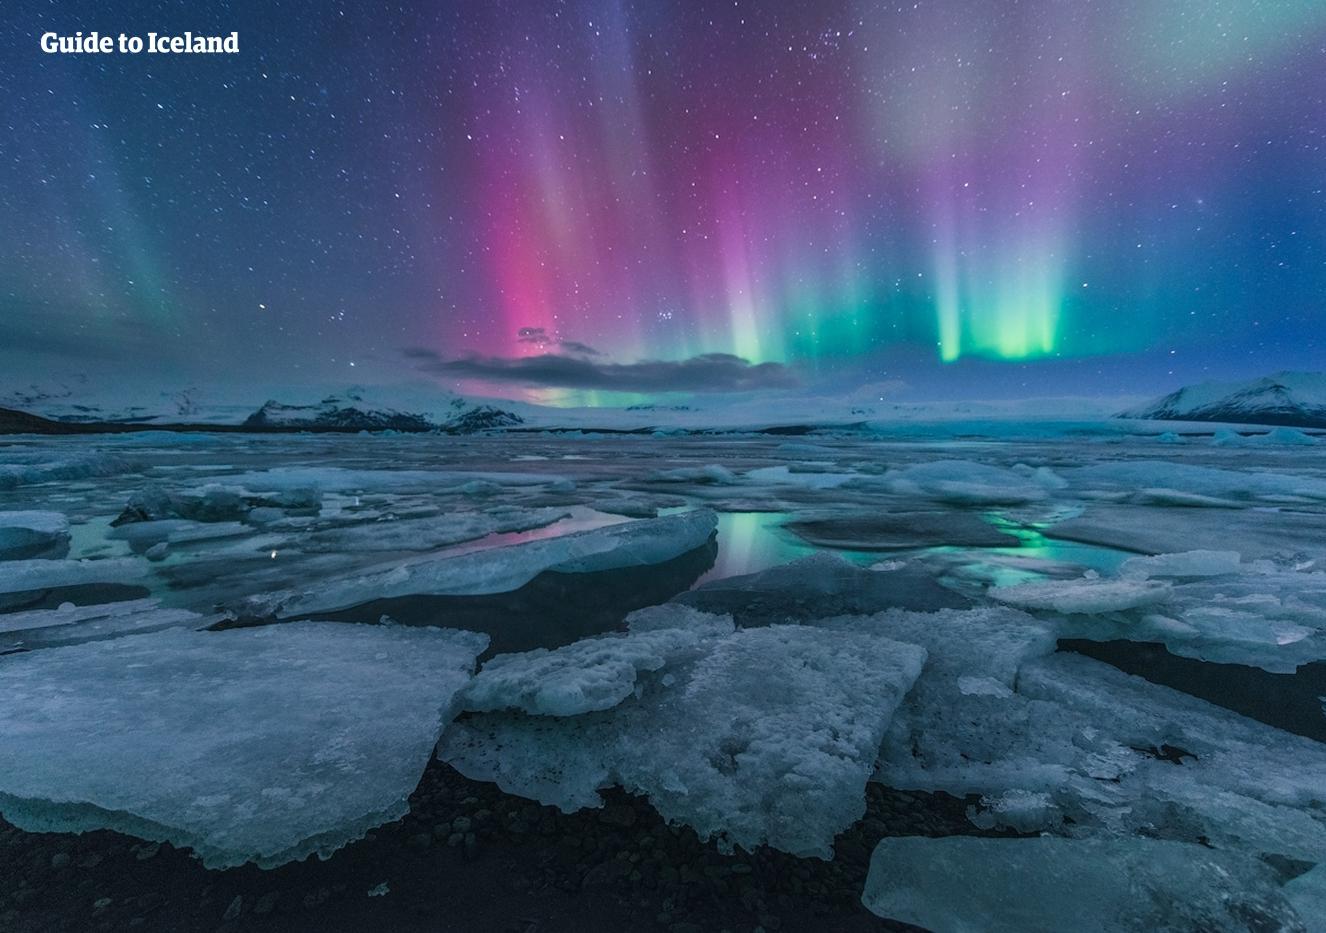 冬季时,舞动多彩的北极光飞翔在杰古沙龙冰河湖上空